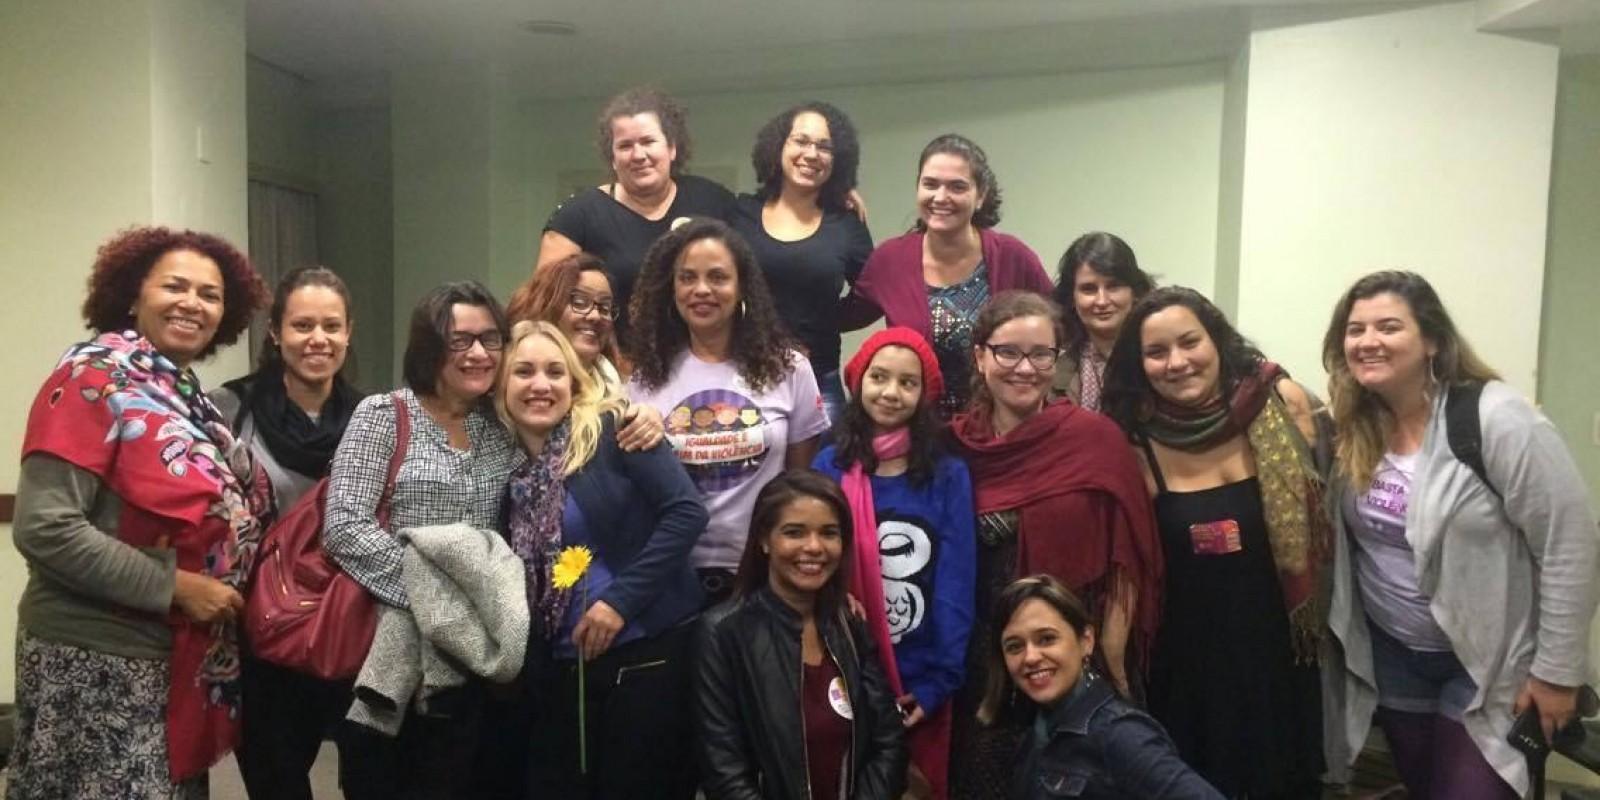 [Ser mulher sem temer: feministas do PSOL ocupam a política contra o machismo]